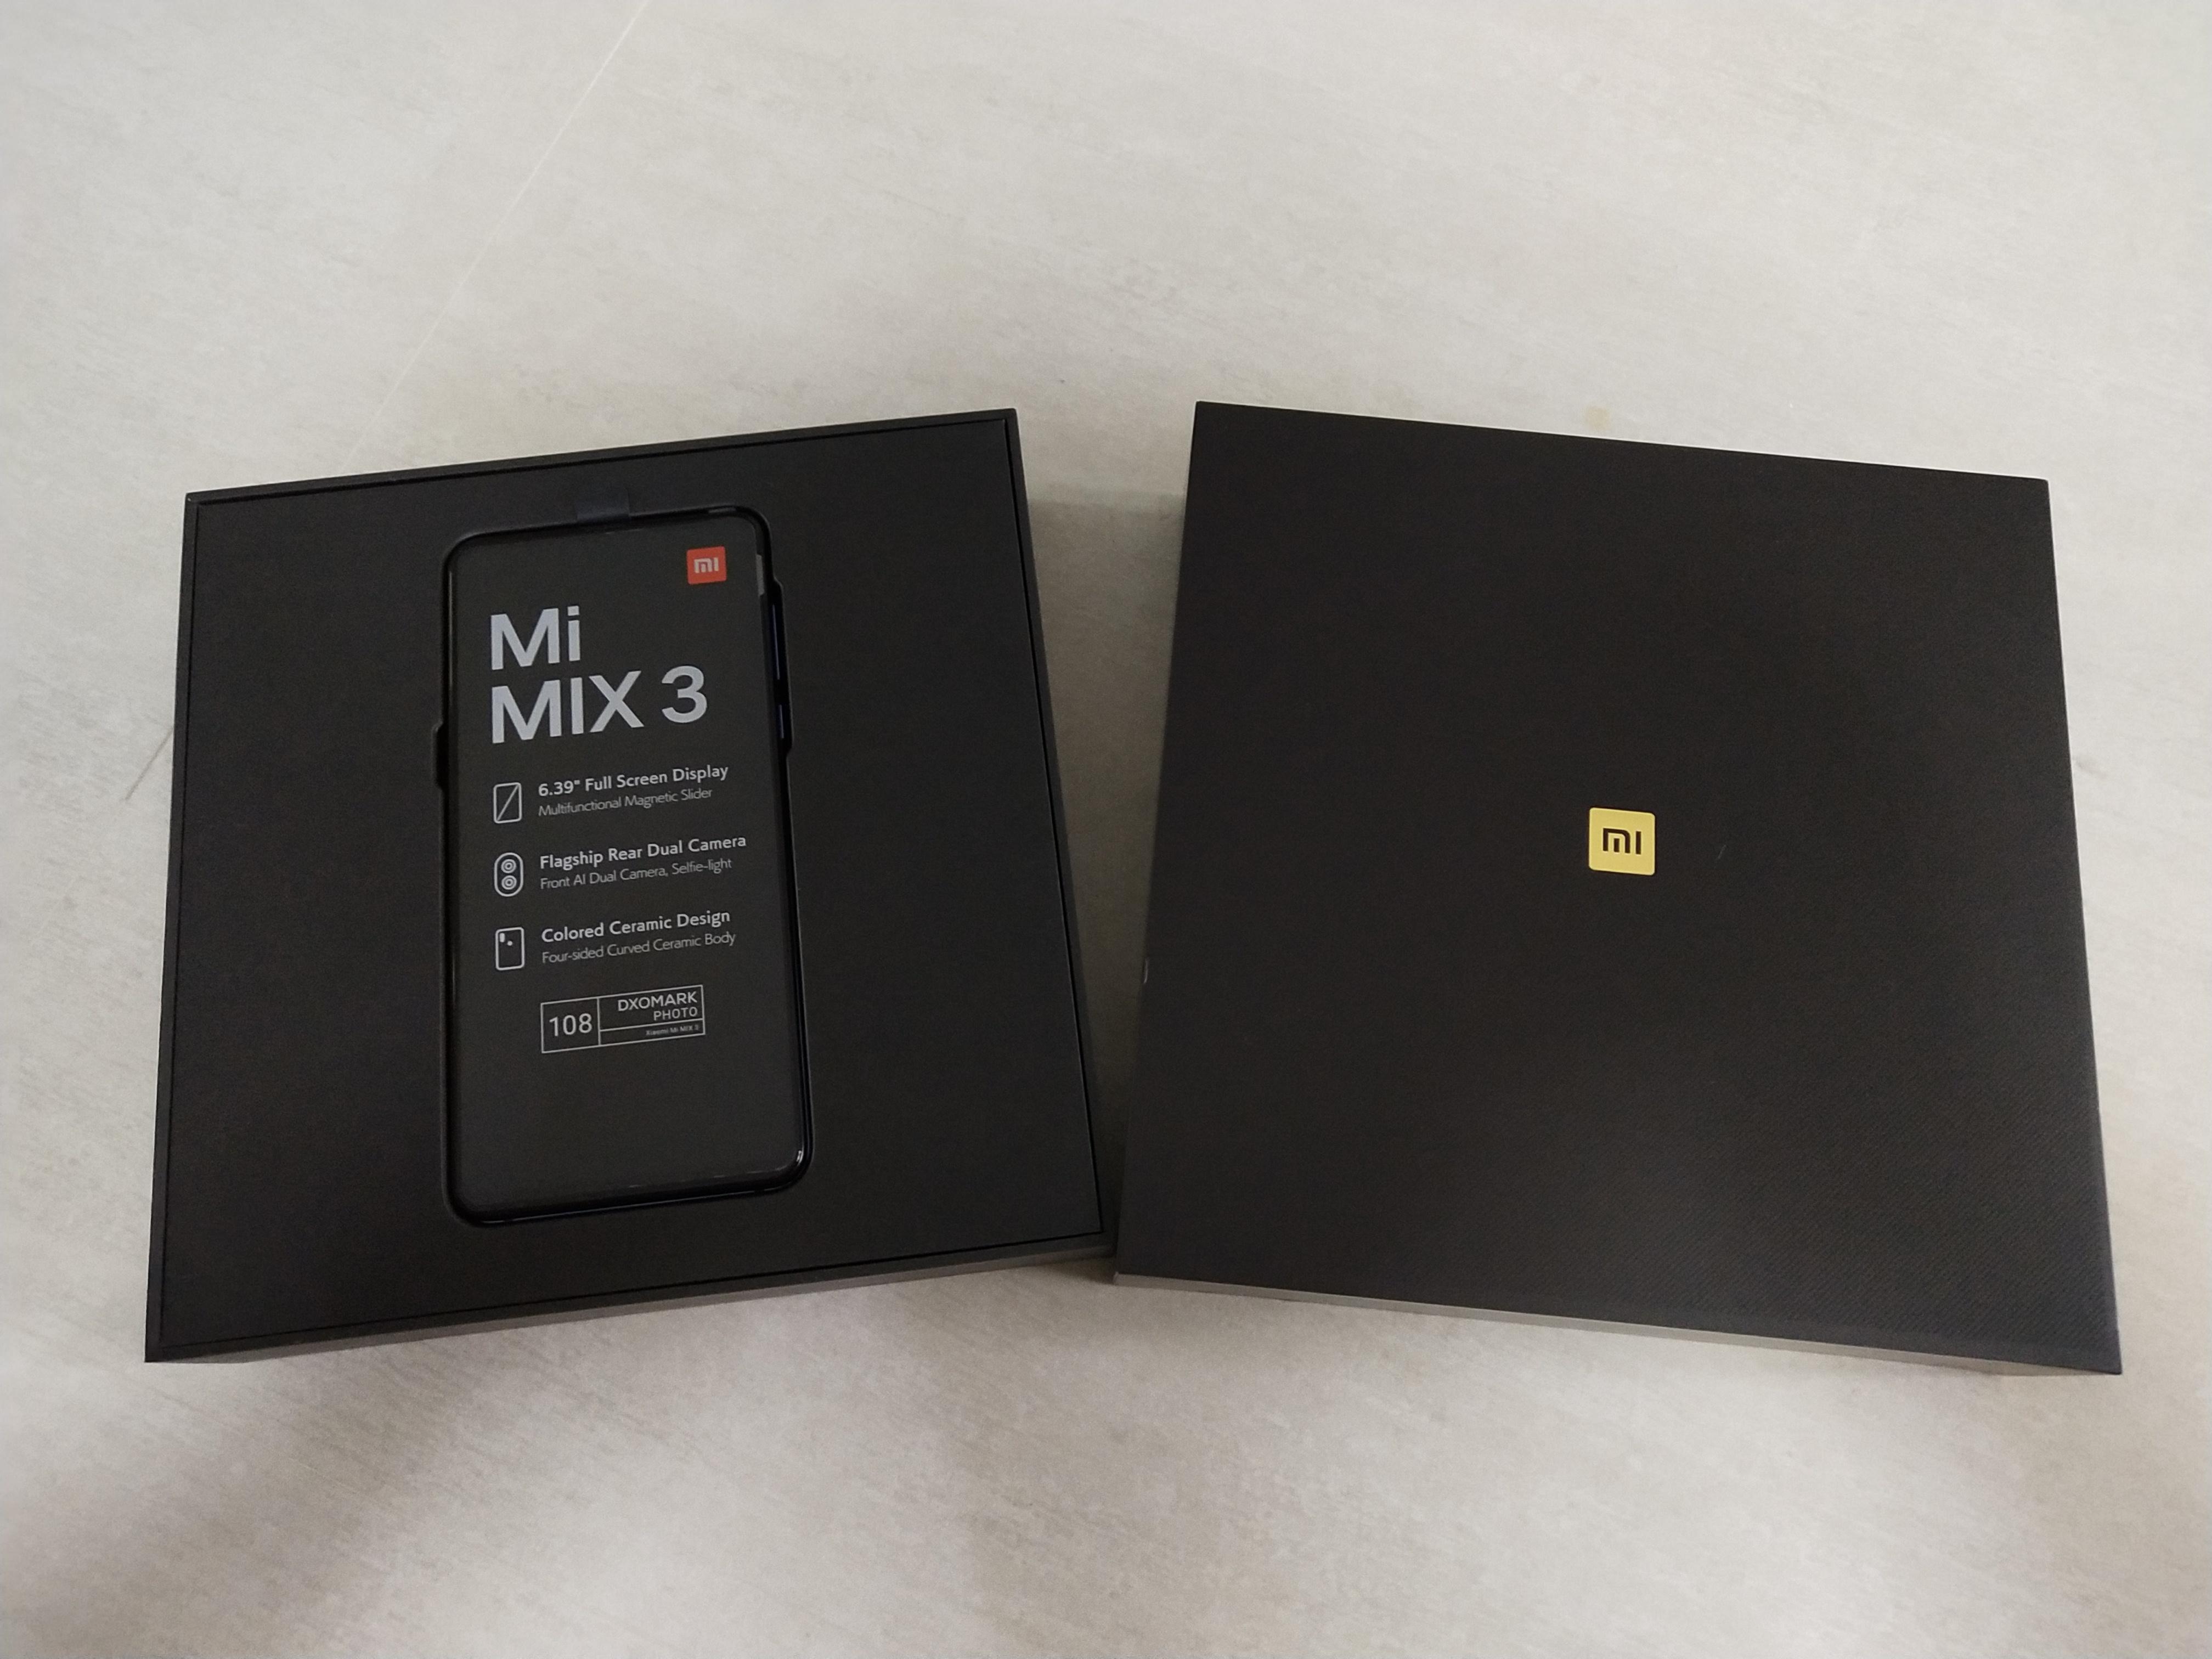 พรีวิว Xiaomi Mi Mix 3 ความประทับใจแรกของผมคือ... 1